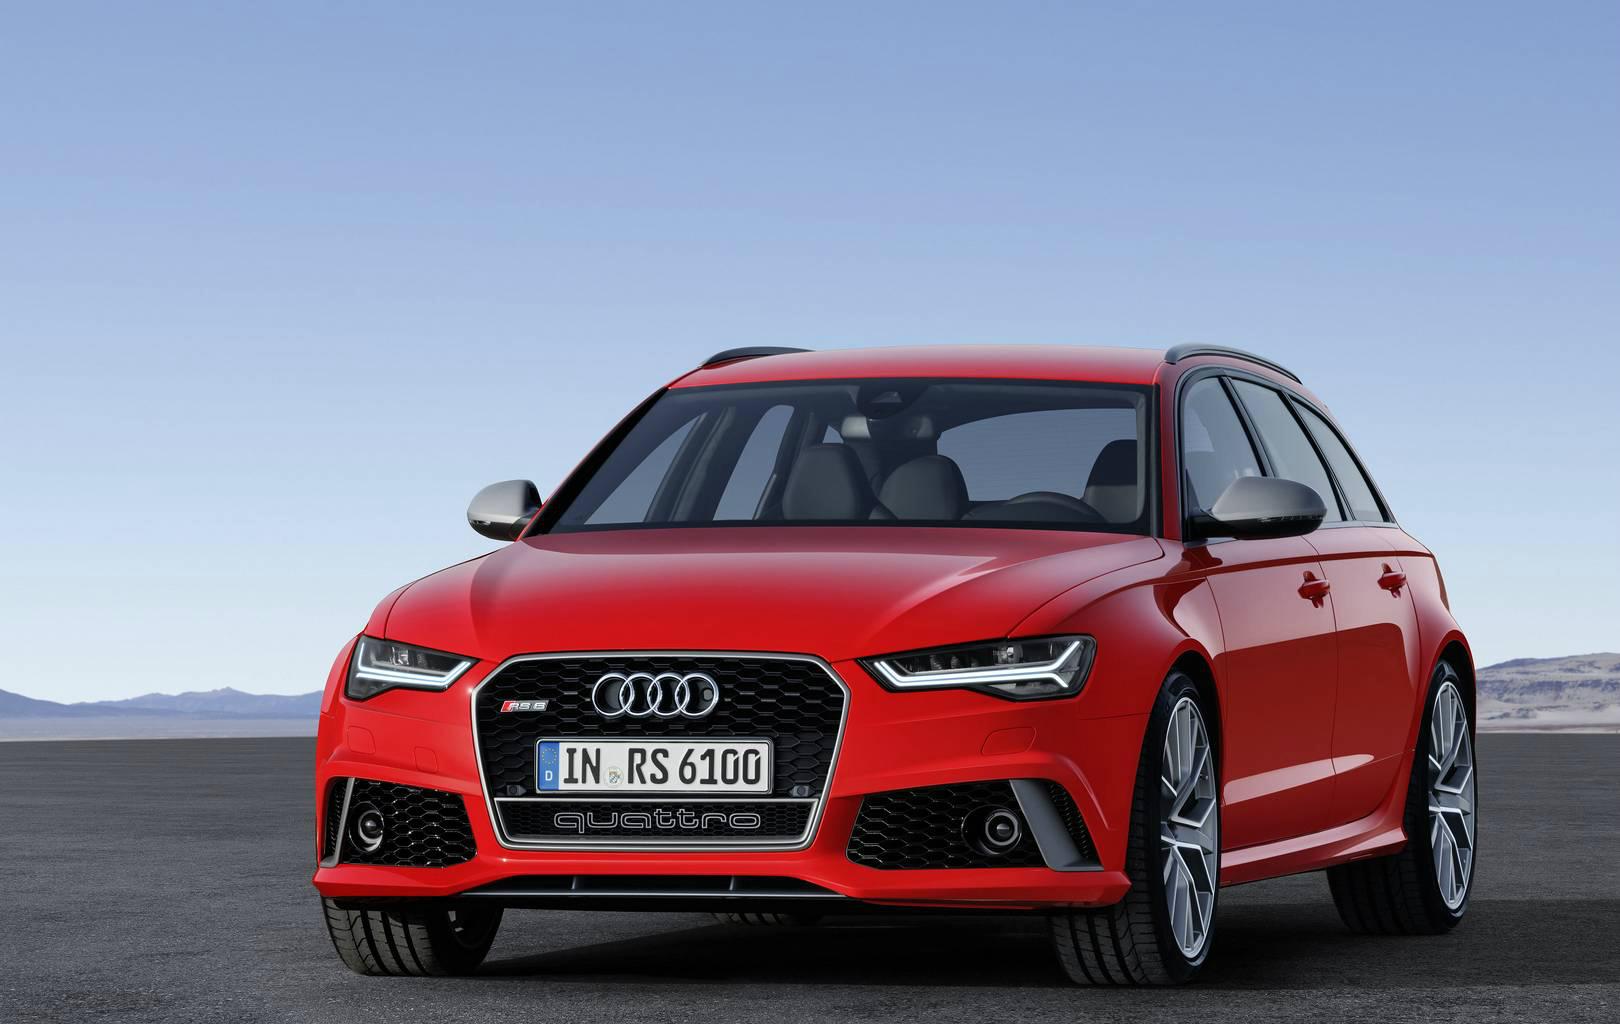 Kelebihan Kekurangan Audi Rs6 Avant Performance Tangguh